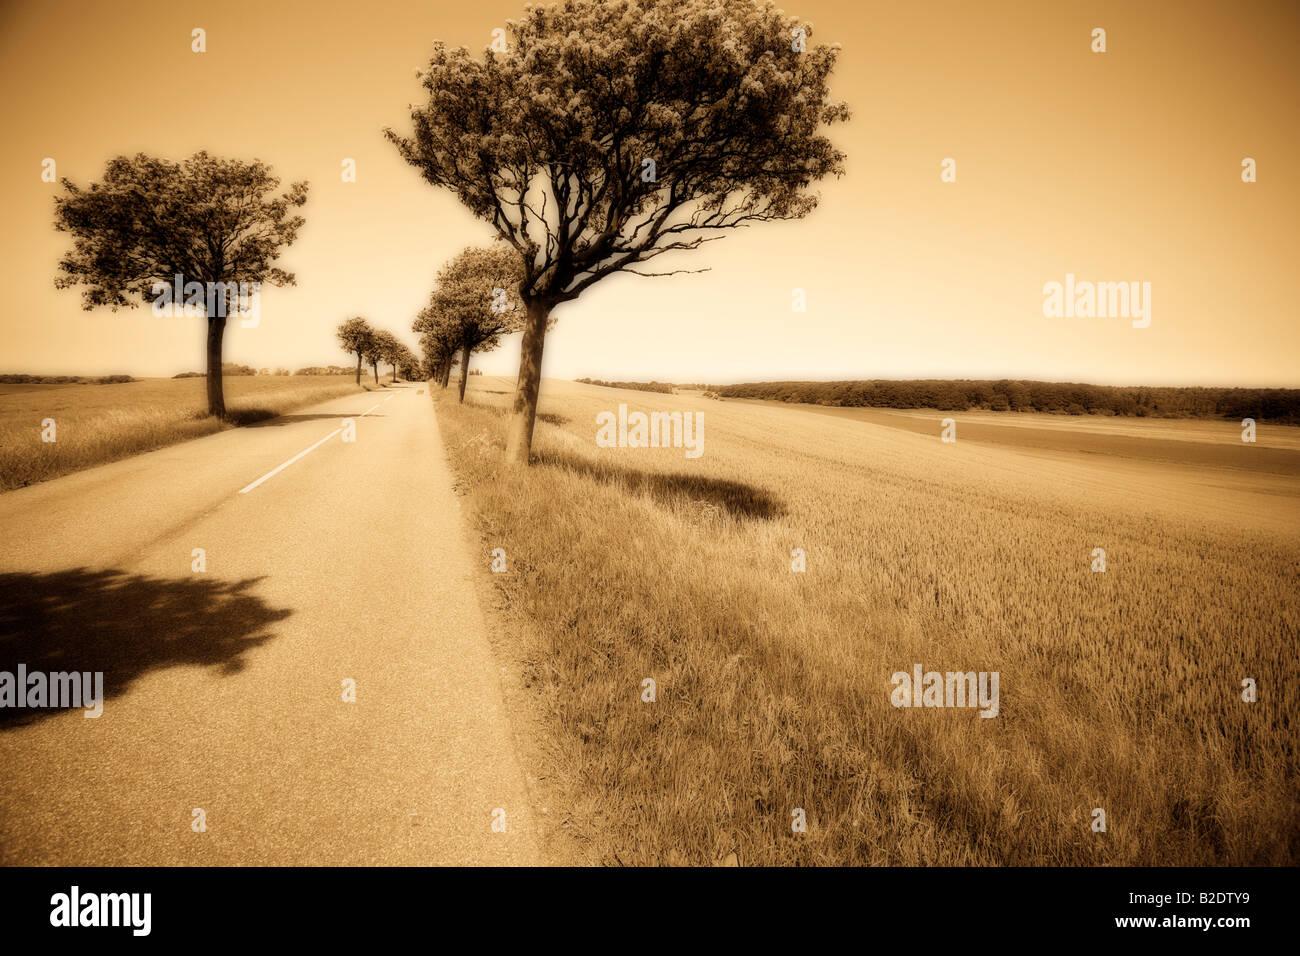 Route bordée d'arbres avec jeu d'Orton monochrome: une route droite avec un centre blanc et bordé Photo Stock